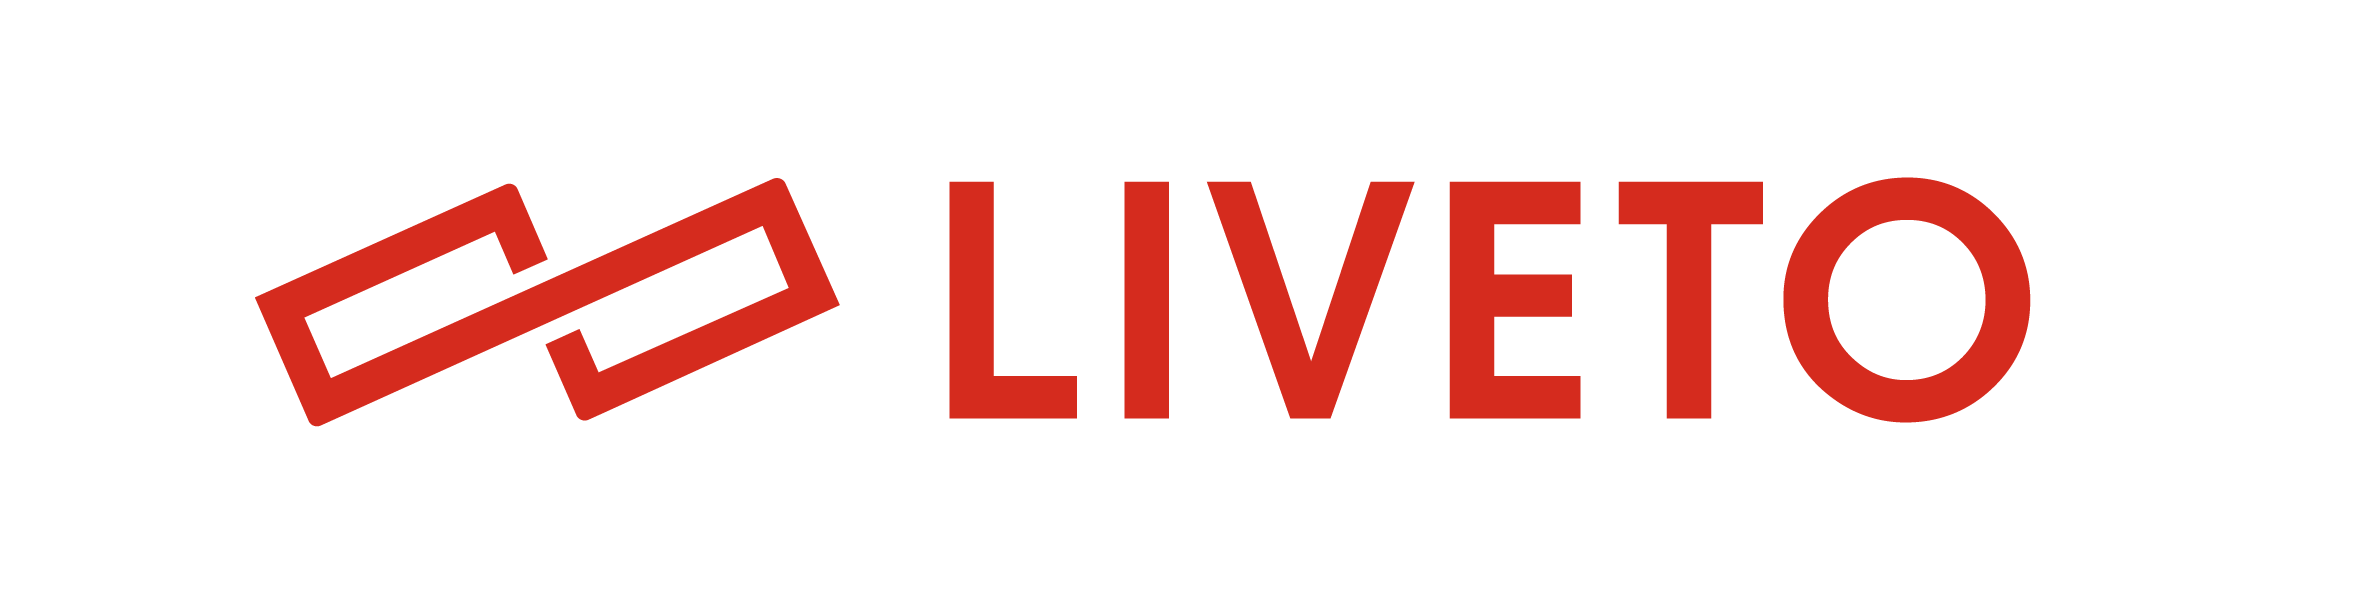 Liveto